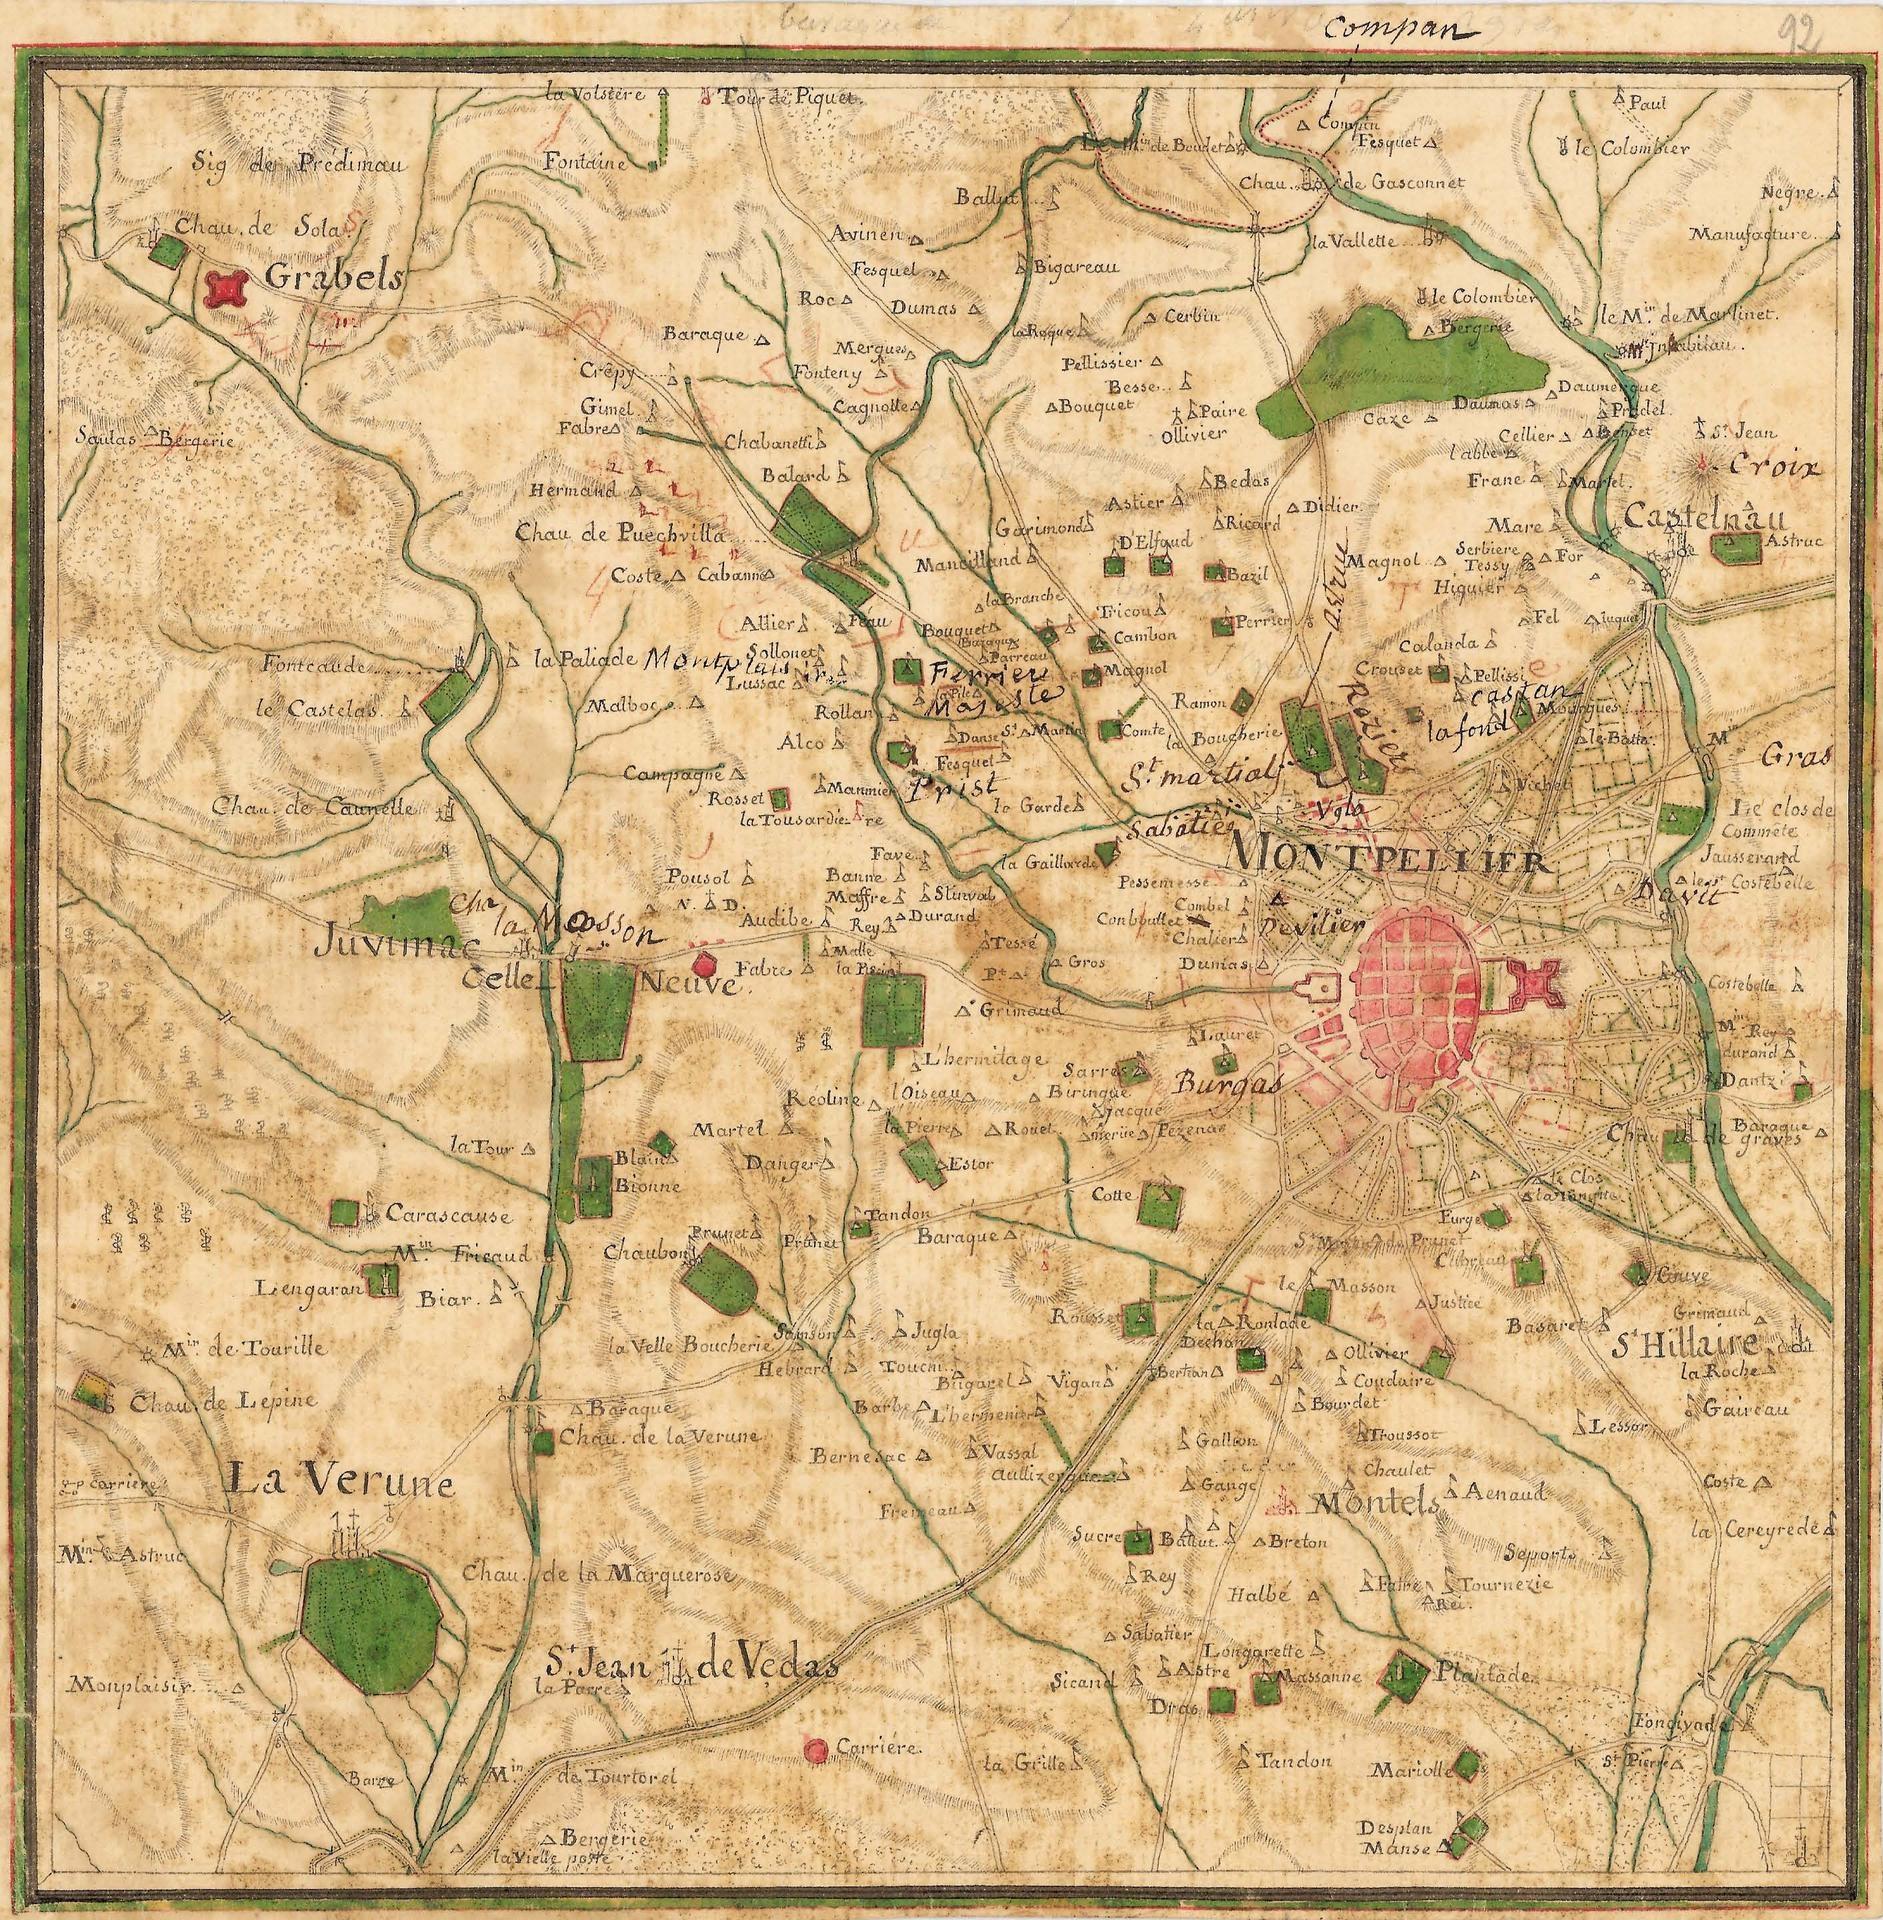 Rys. 4. Mapa Cassiniego (Carte géométrique de la France)